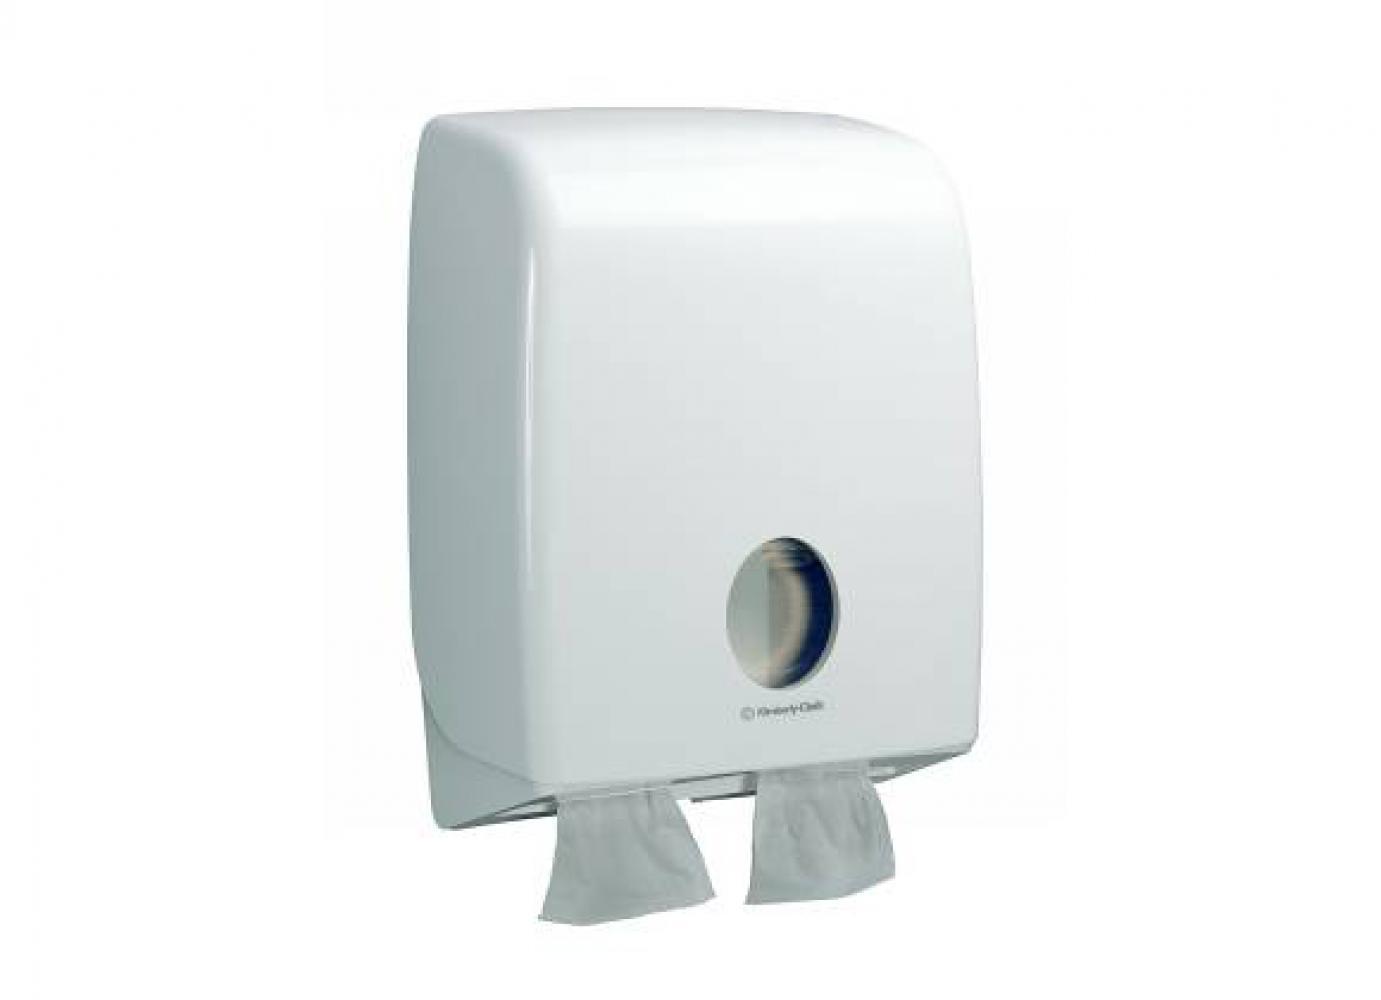 Acquista Distributore Aquarius Igienica 17545628 | Glooke.com